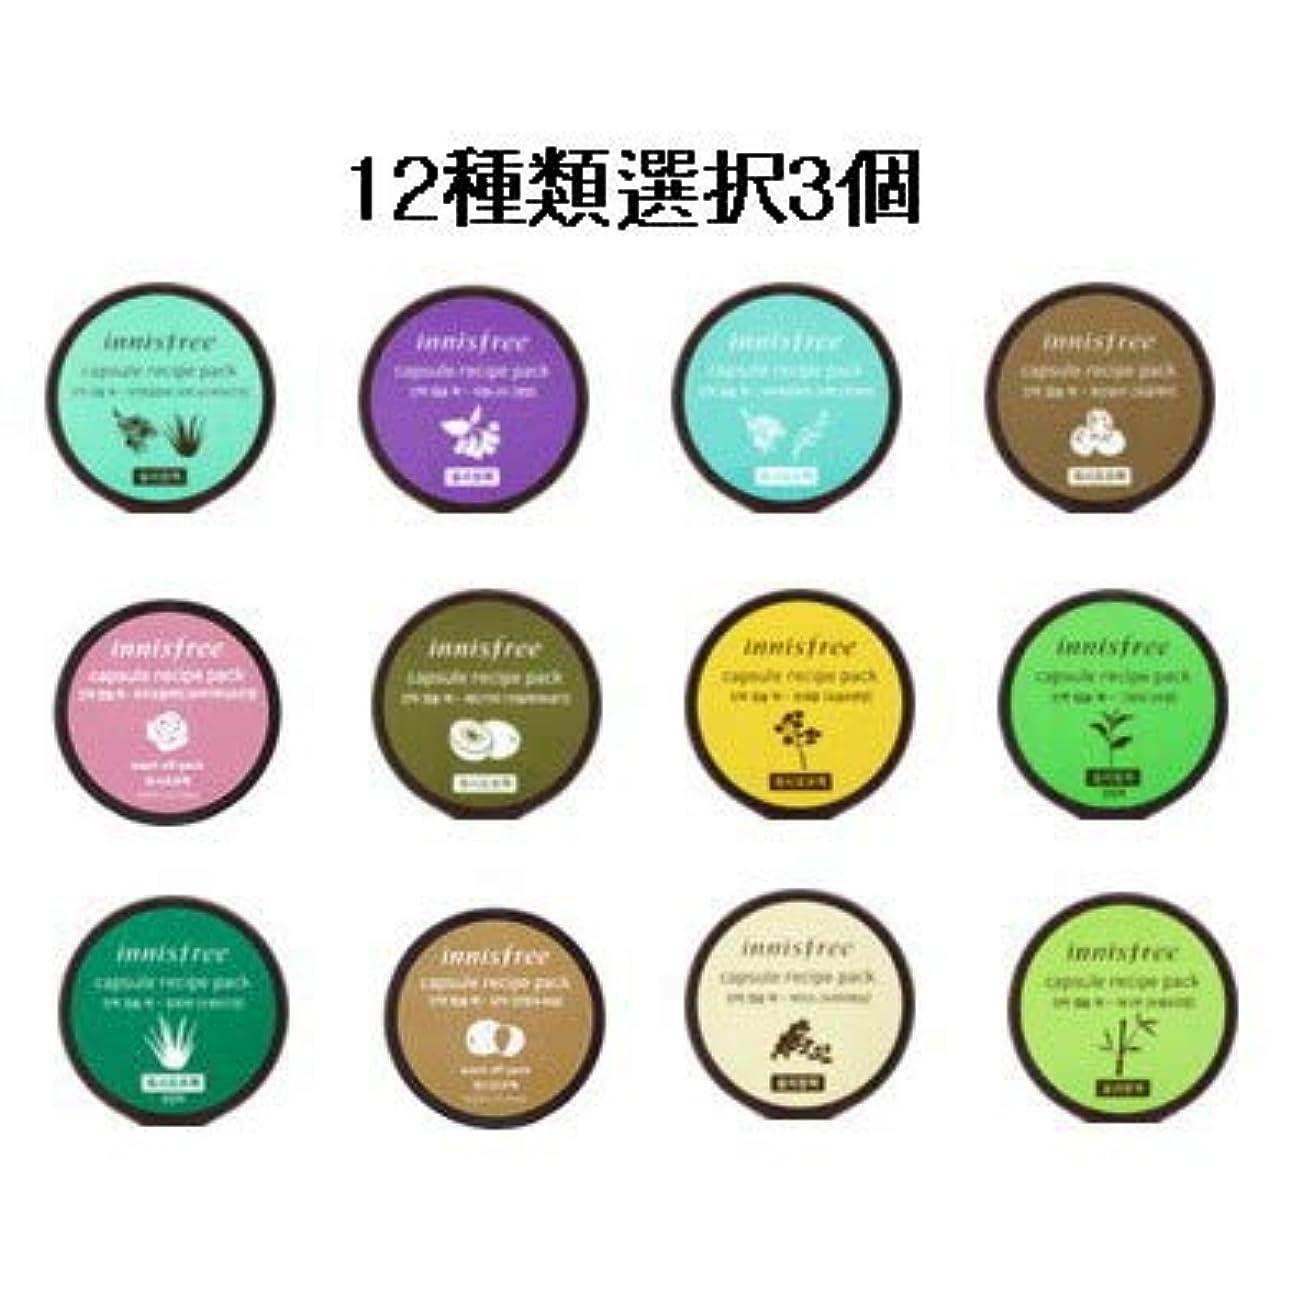 有毒な柔らかい足ポジティブ【innisfree(イニスフリー)】津液カプセルパック10ml×3個 (12種類選択3個) [並行輸入品]